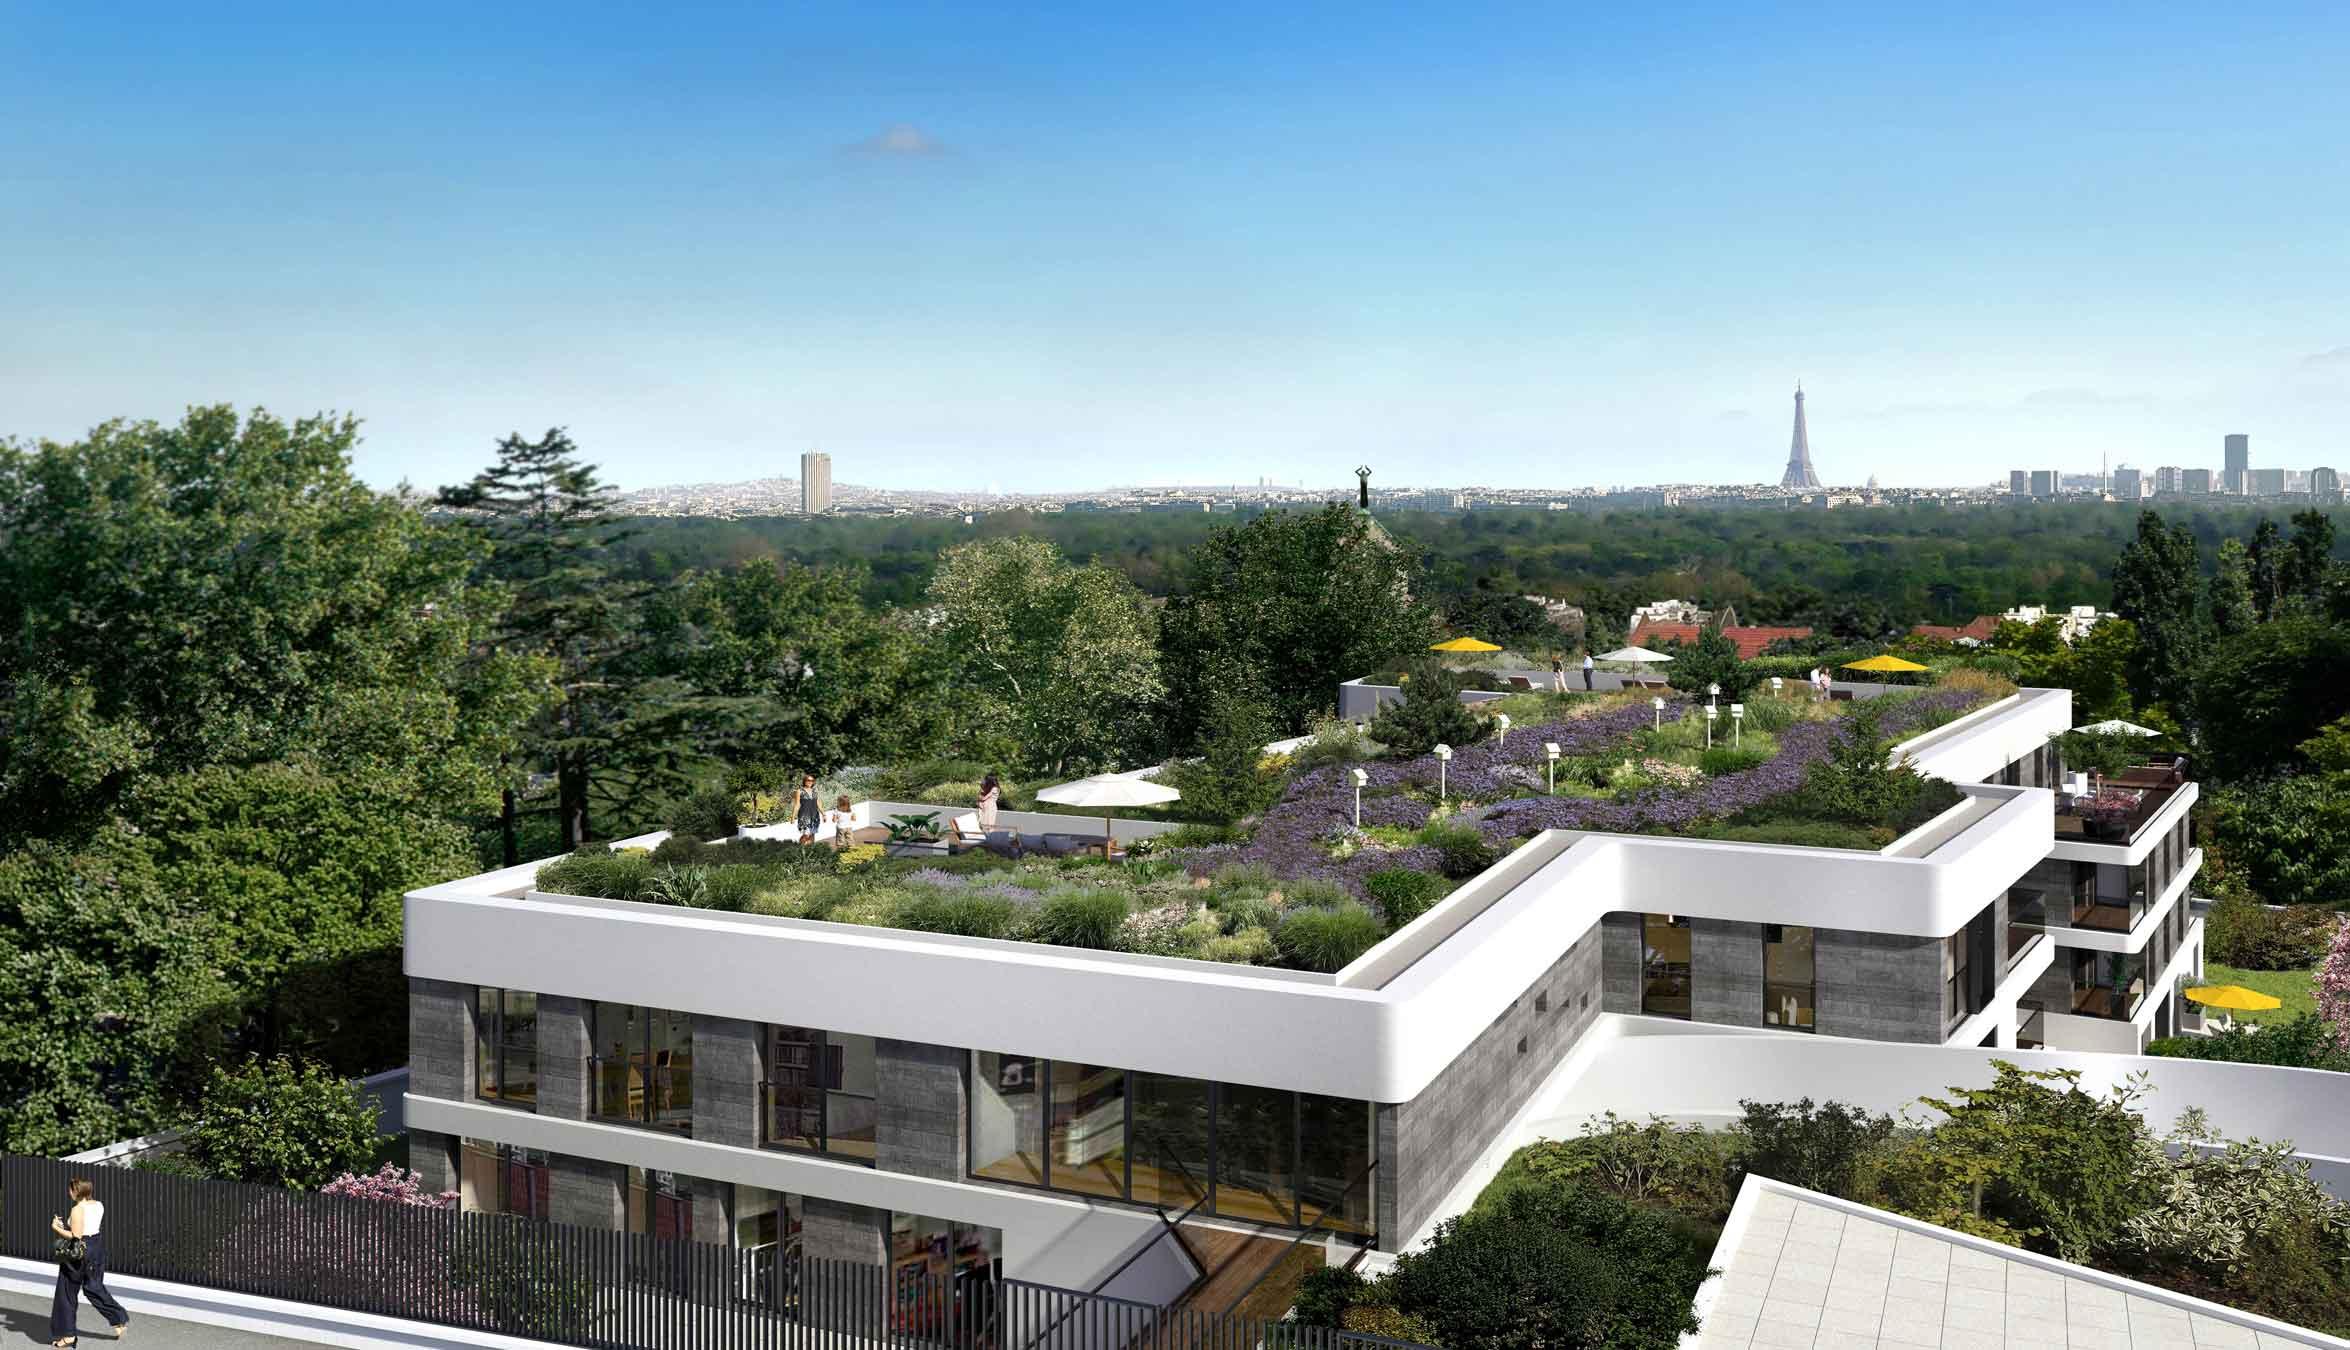 新房 – Saint-Cloud – 2019年4季度交房